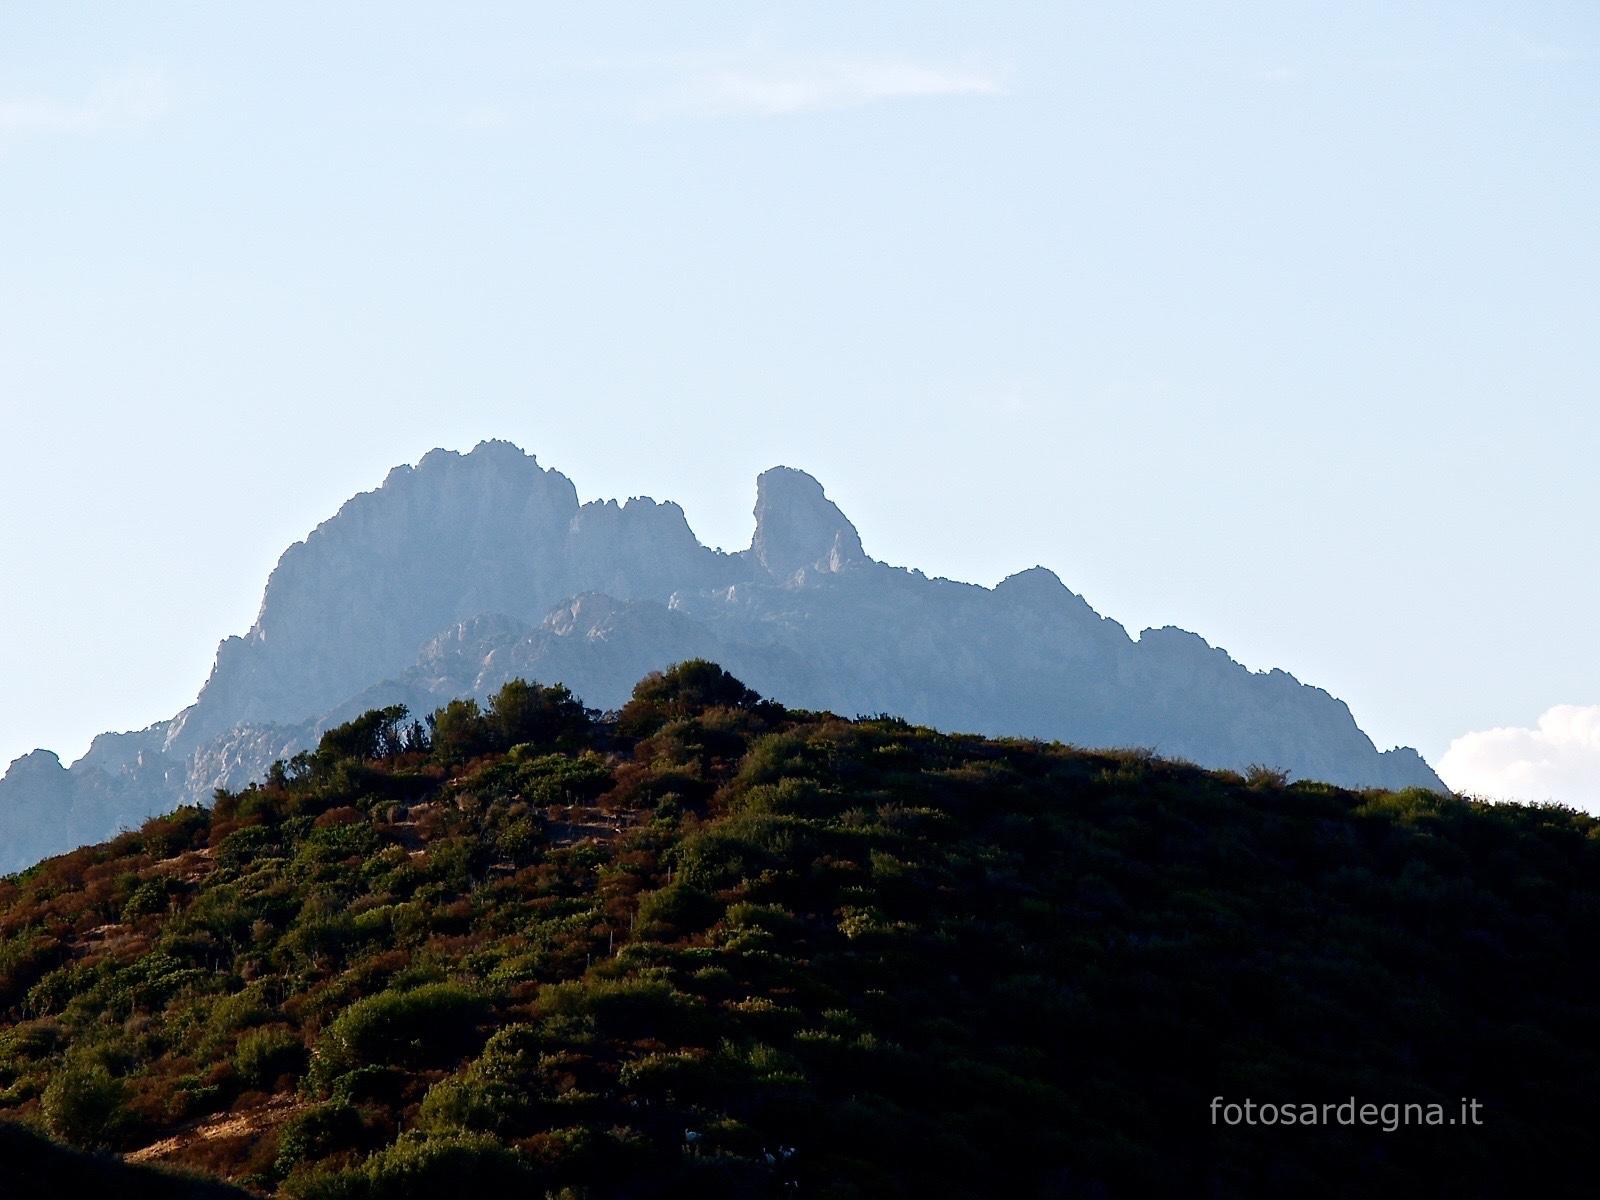 le creste granitiche del Monte Ferru, somigliante la testa di un uomo barbuto disteso.